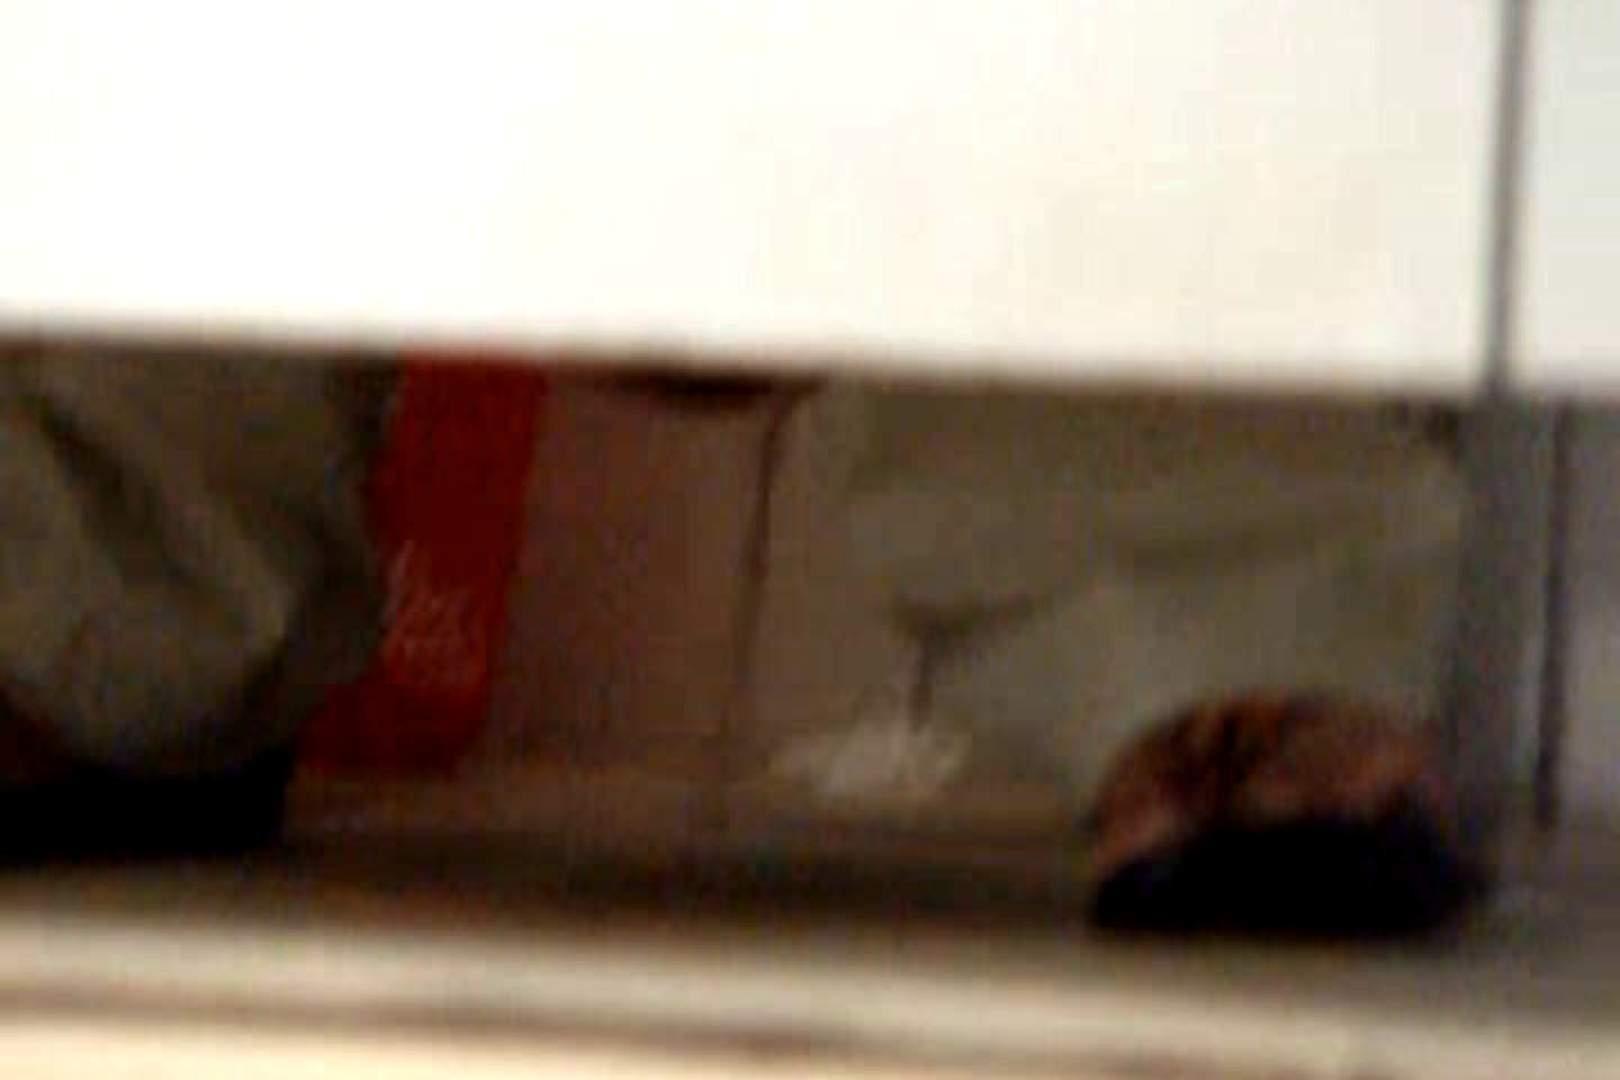 ぼっとん洗面所スペシャルVol.5 OLエロ画像  88PICs 57